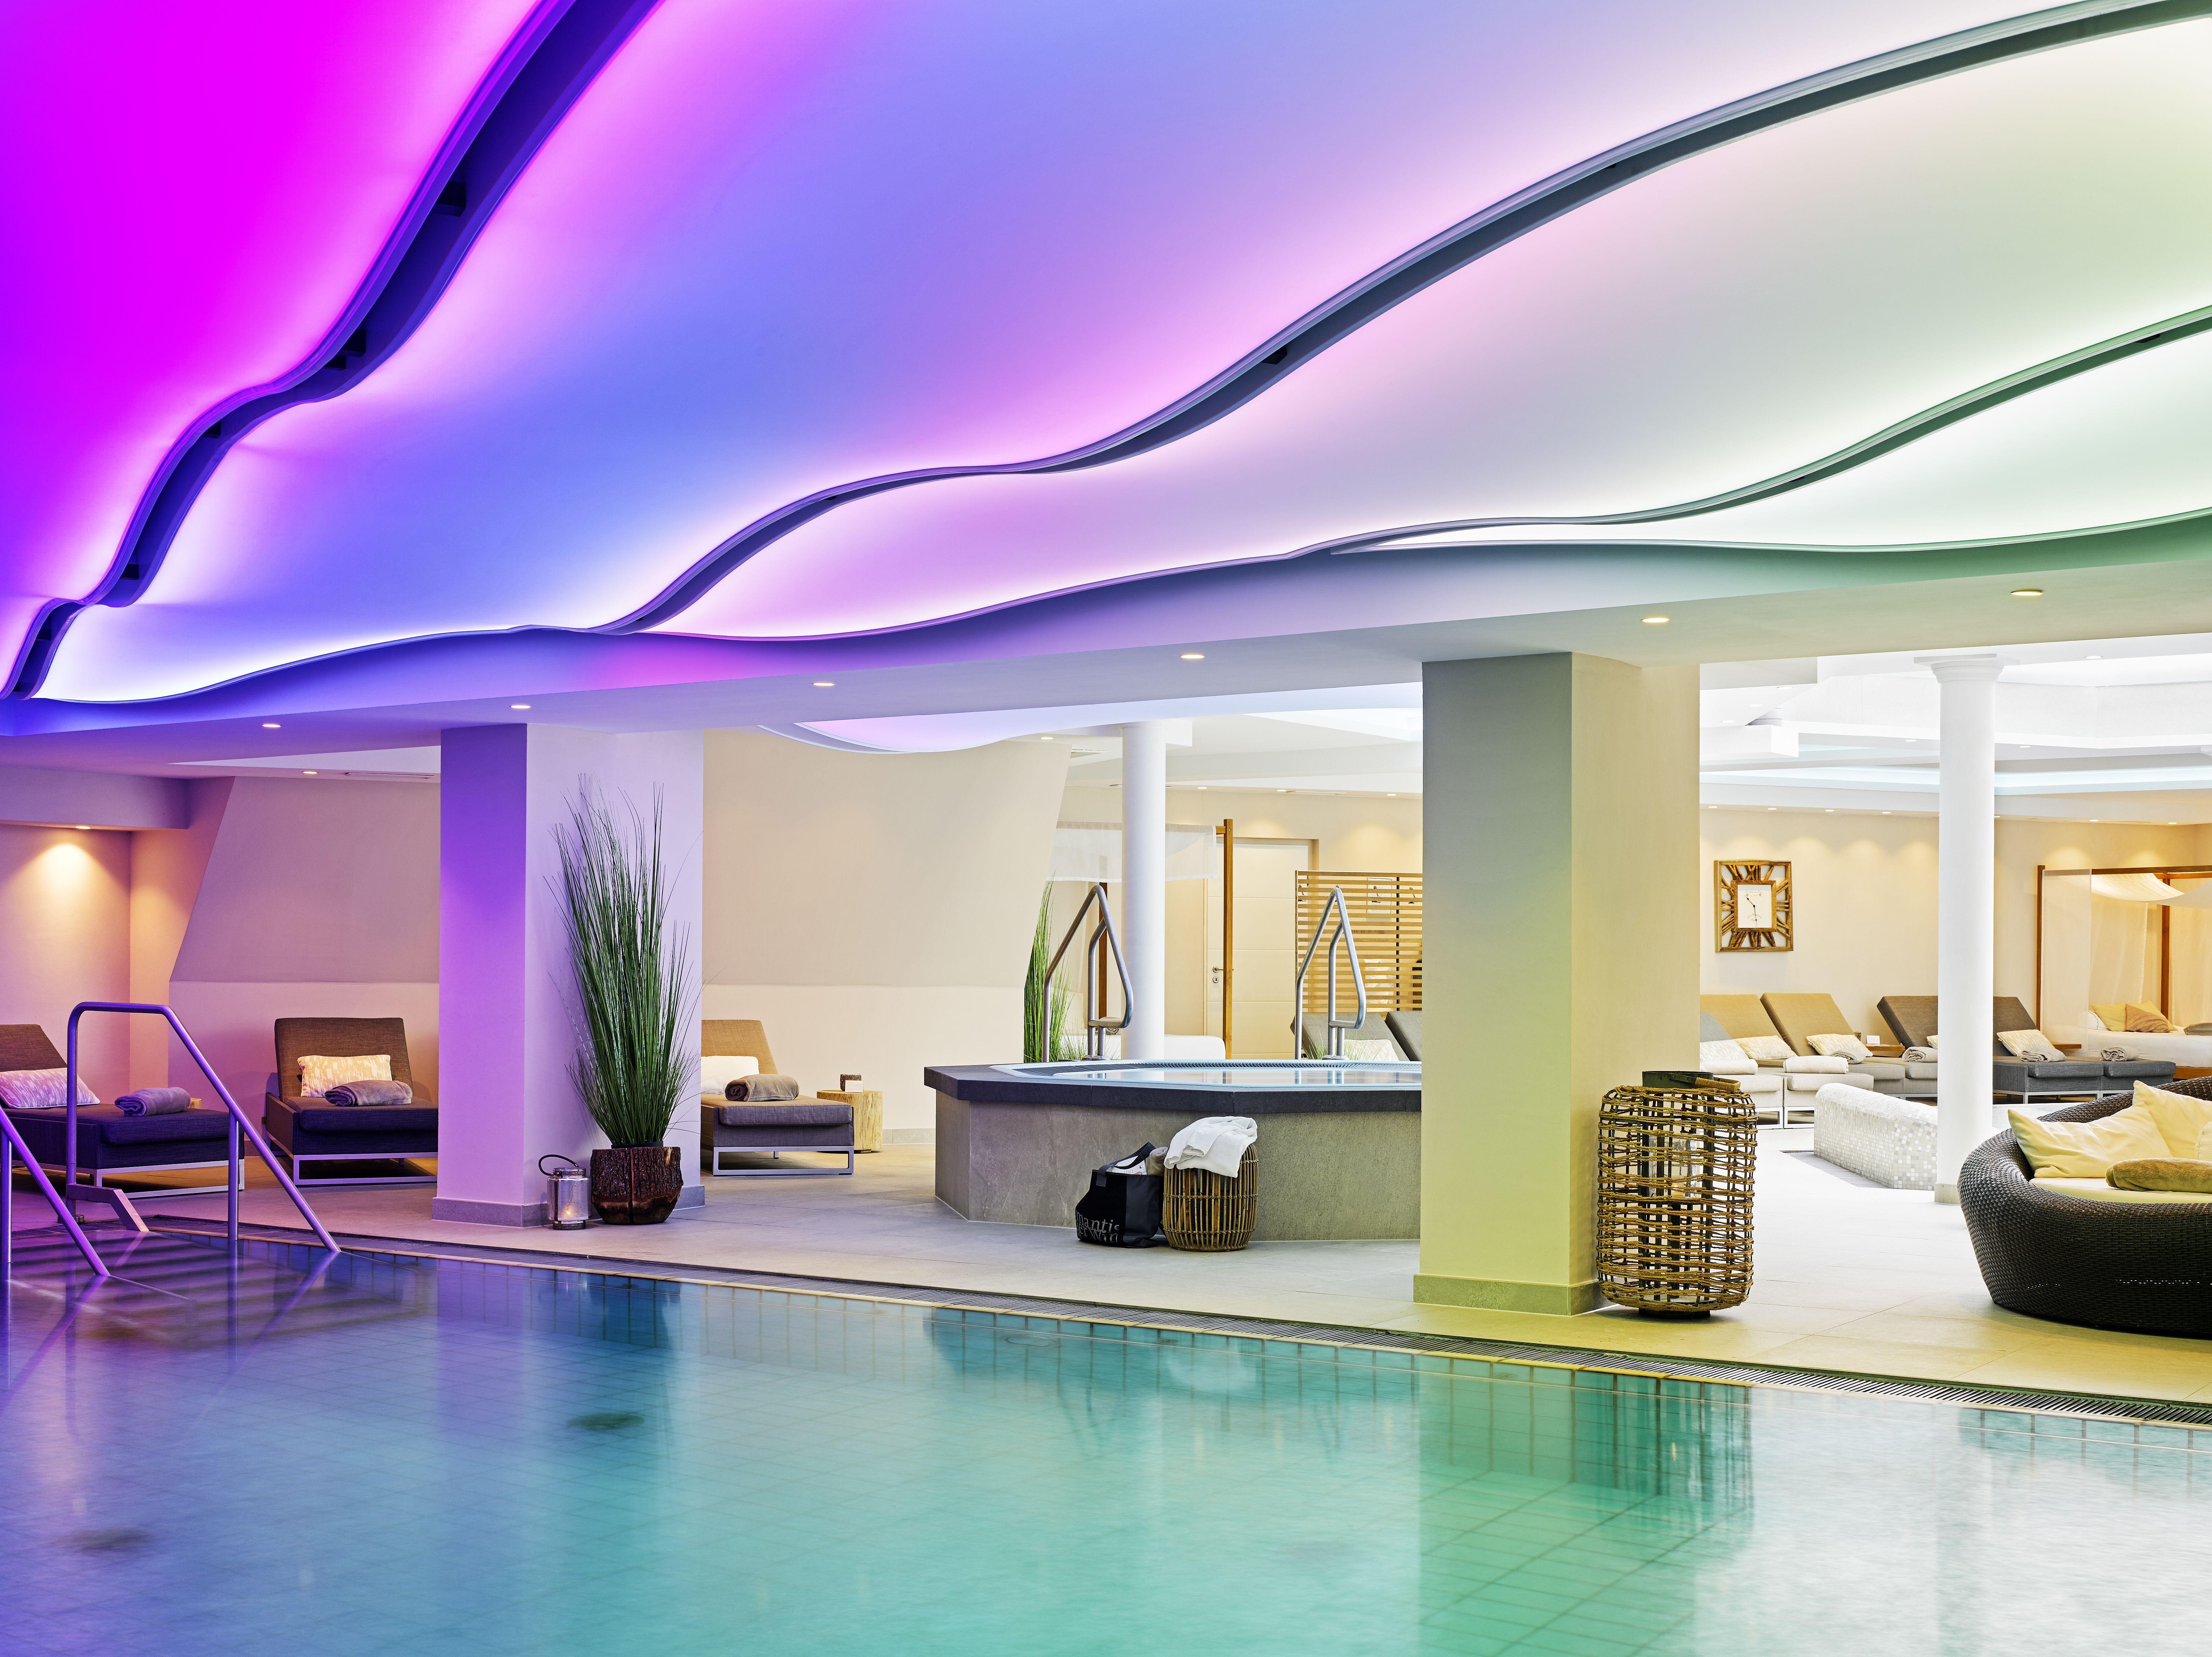 Romantischer Winkel - RoLigio & Wellness Resort - Poollandschaft